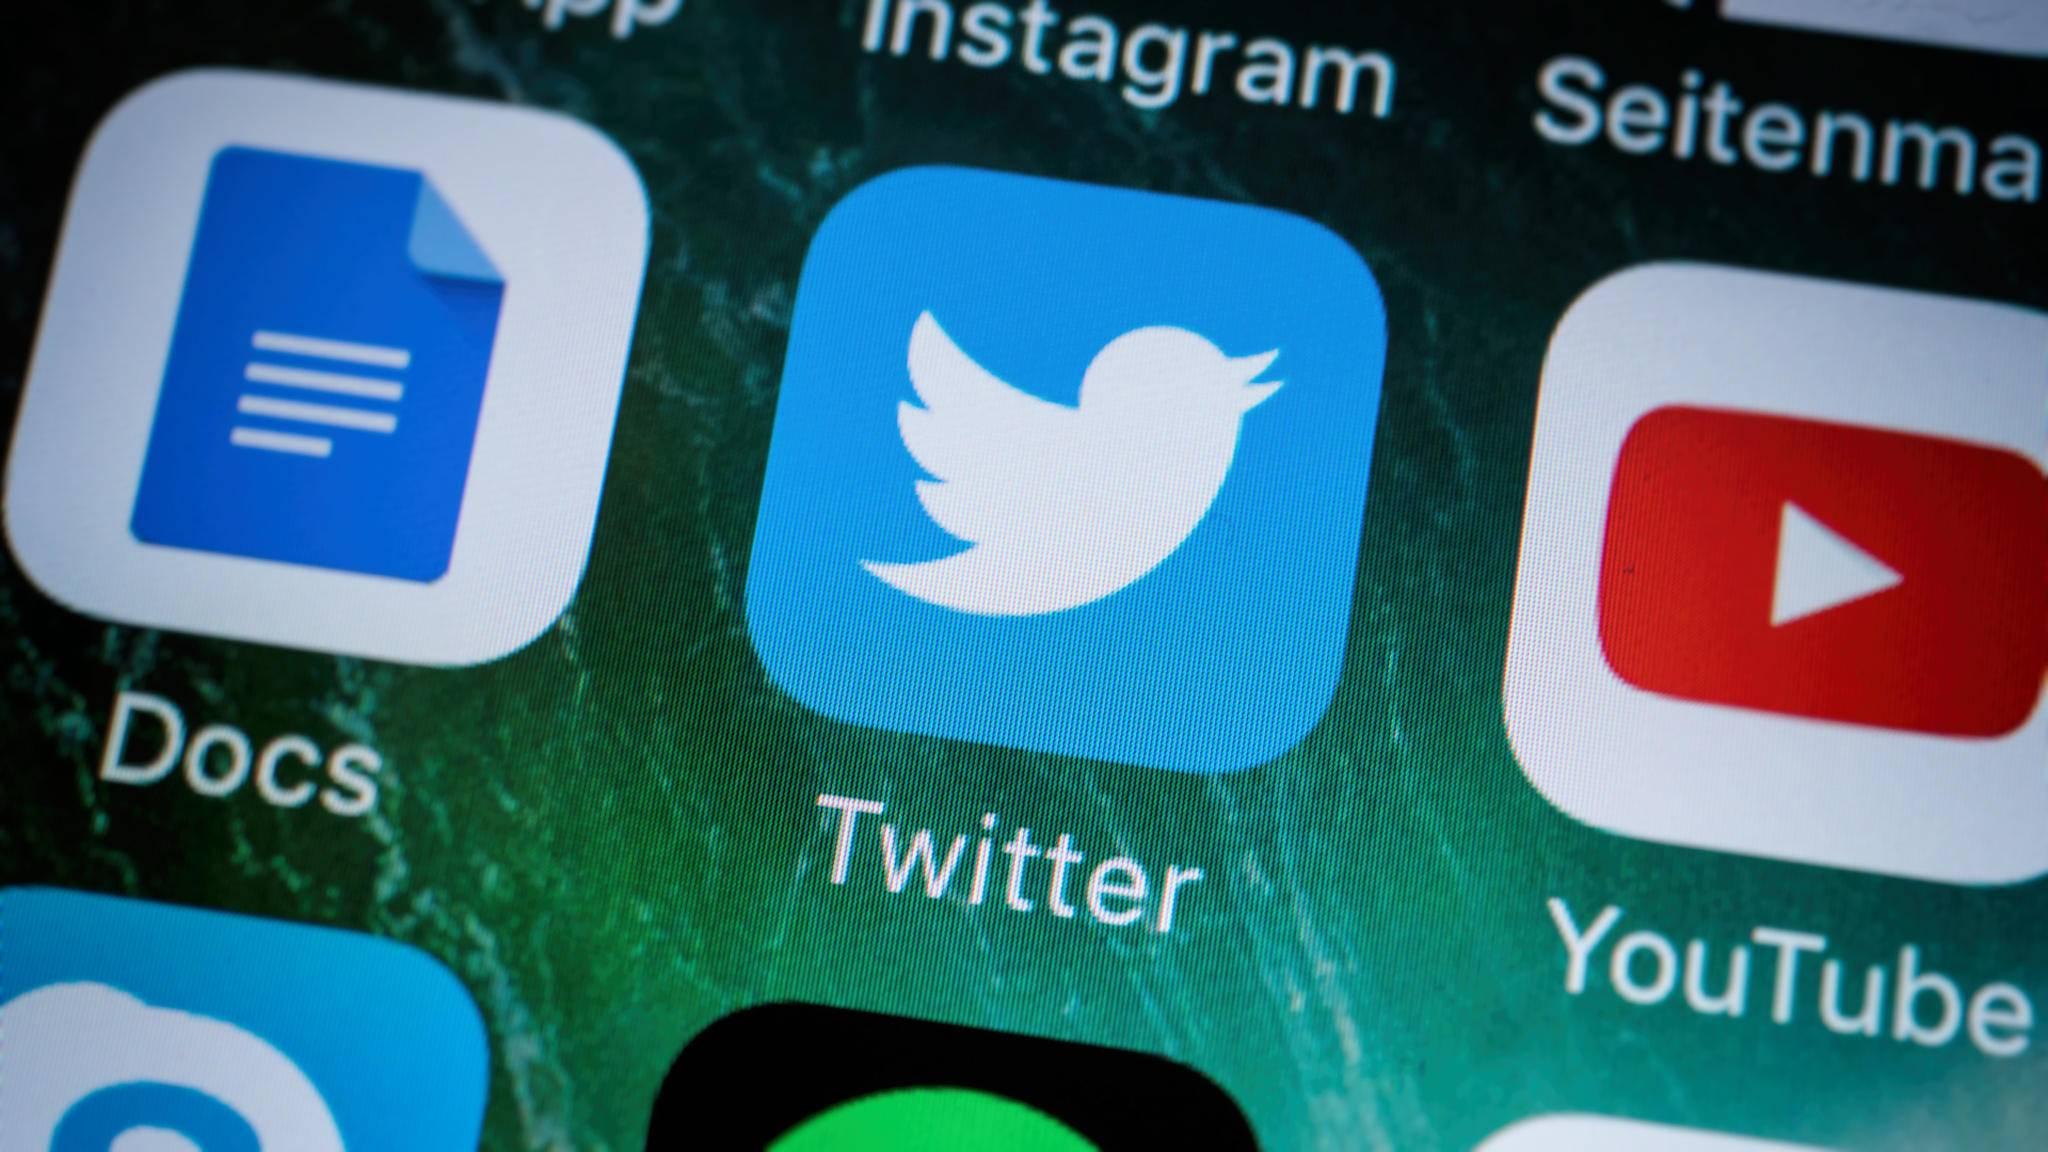 Du willst alle Deine Tweets löschen? Wir zeigen Dir wie – und womit.